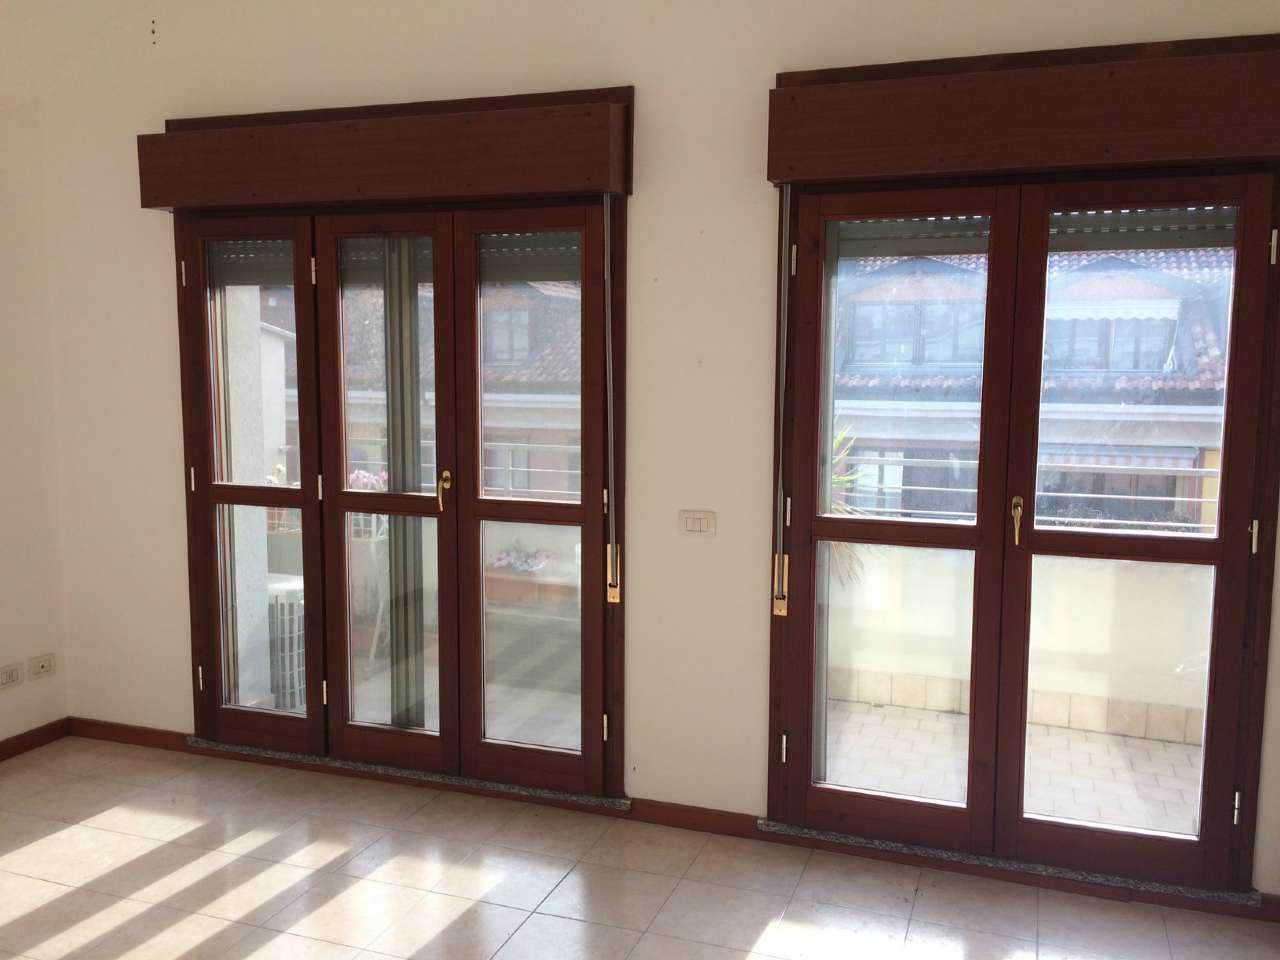 Appartamento in vendita a Melegnano, 3 locali, prezzo € 260.000 | CambioCasa.it